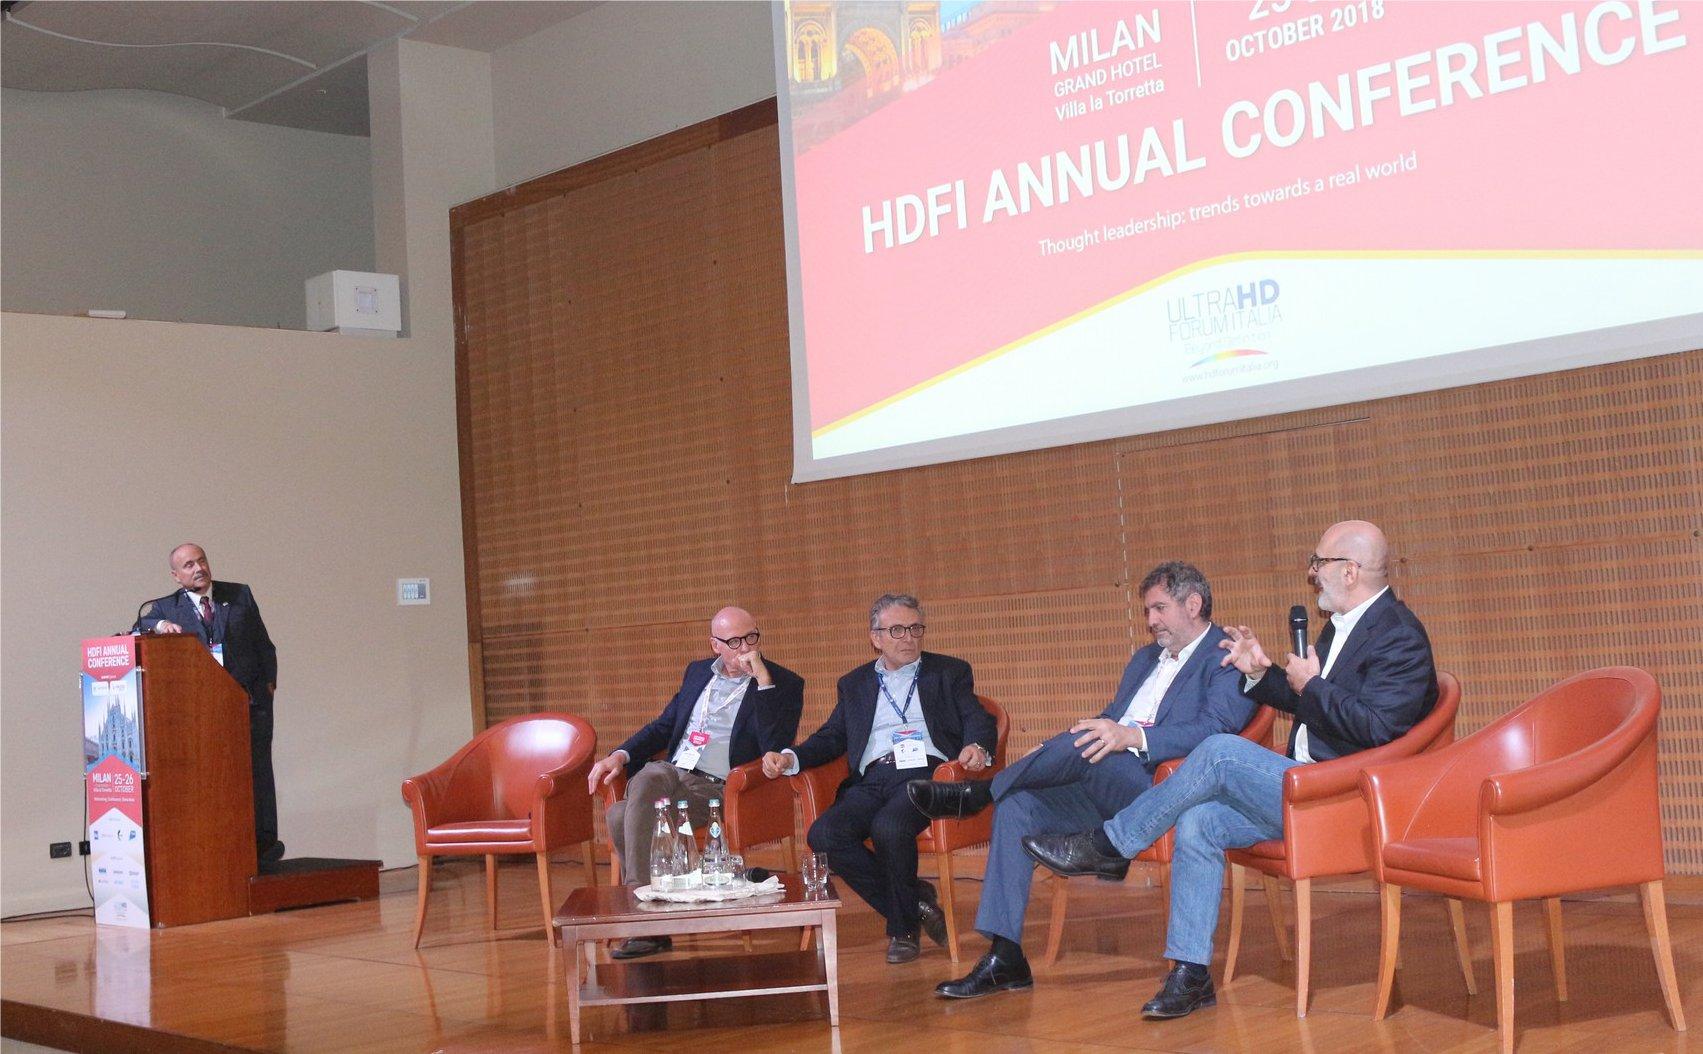 Una foto ricordo della conferenza 2018 HD Forum Italia